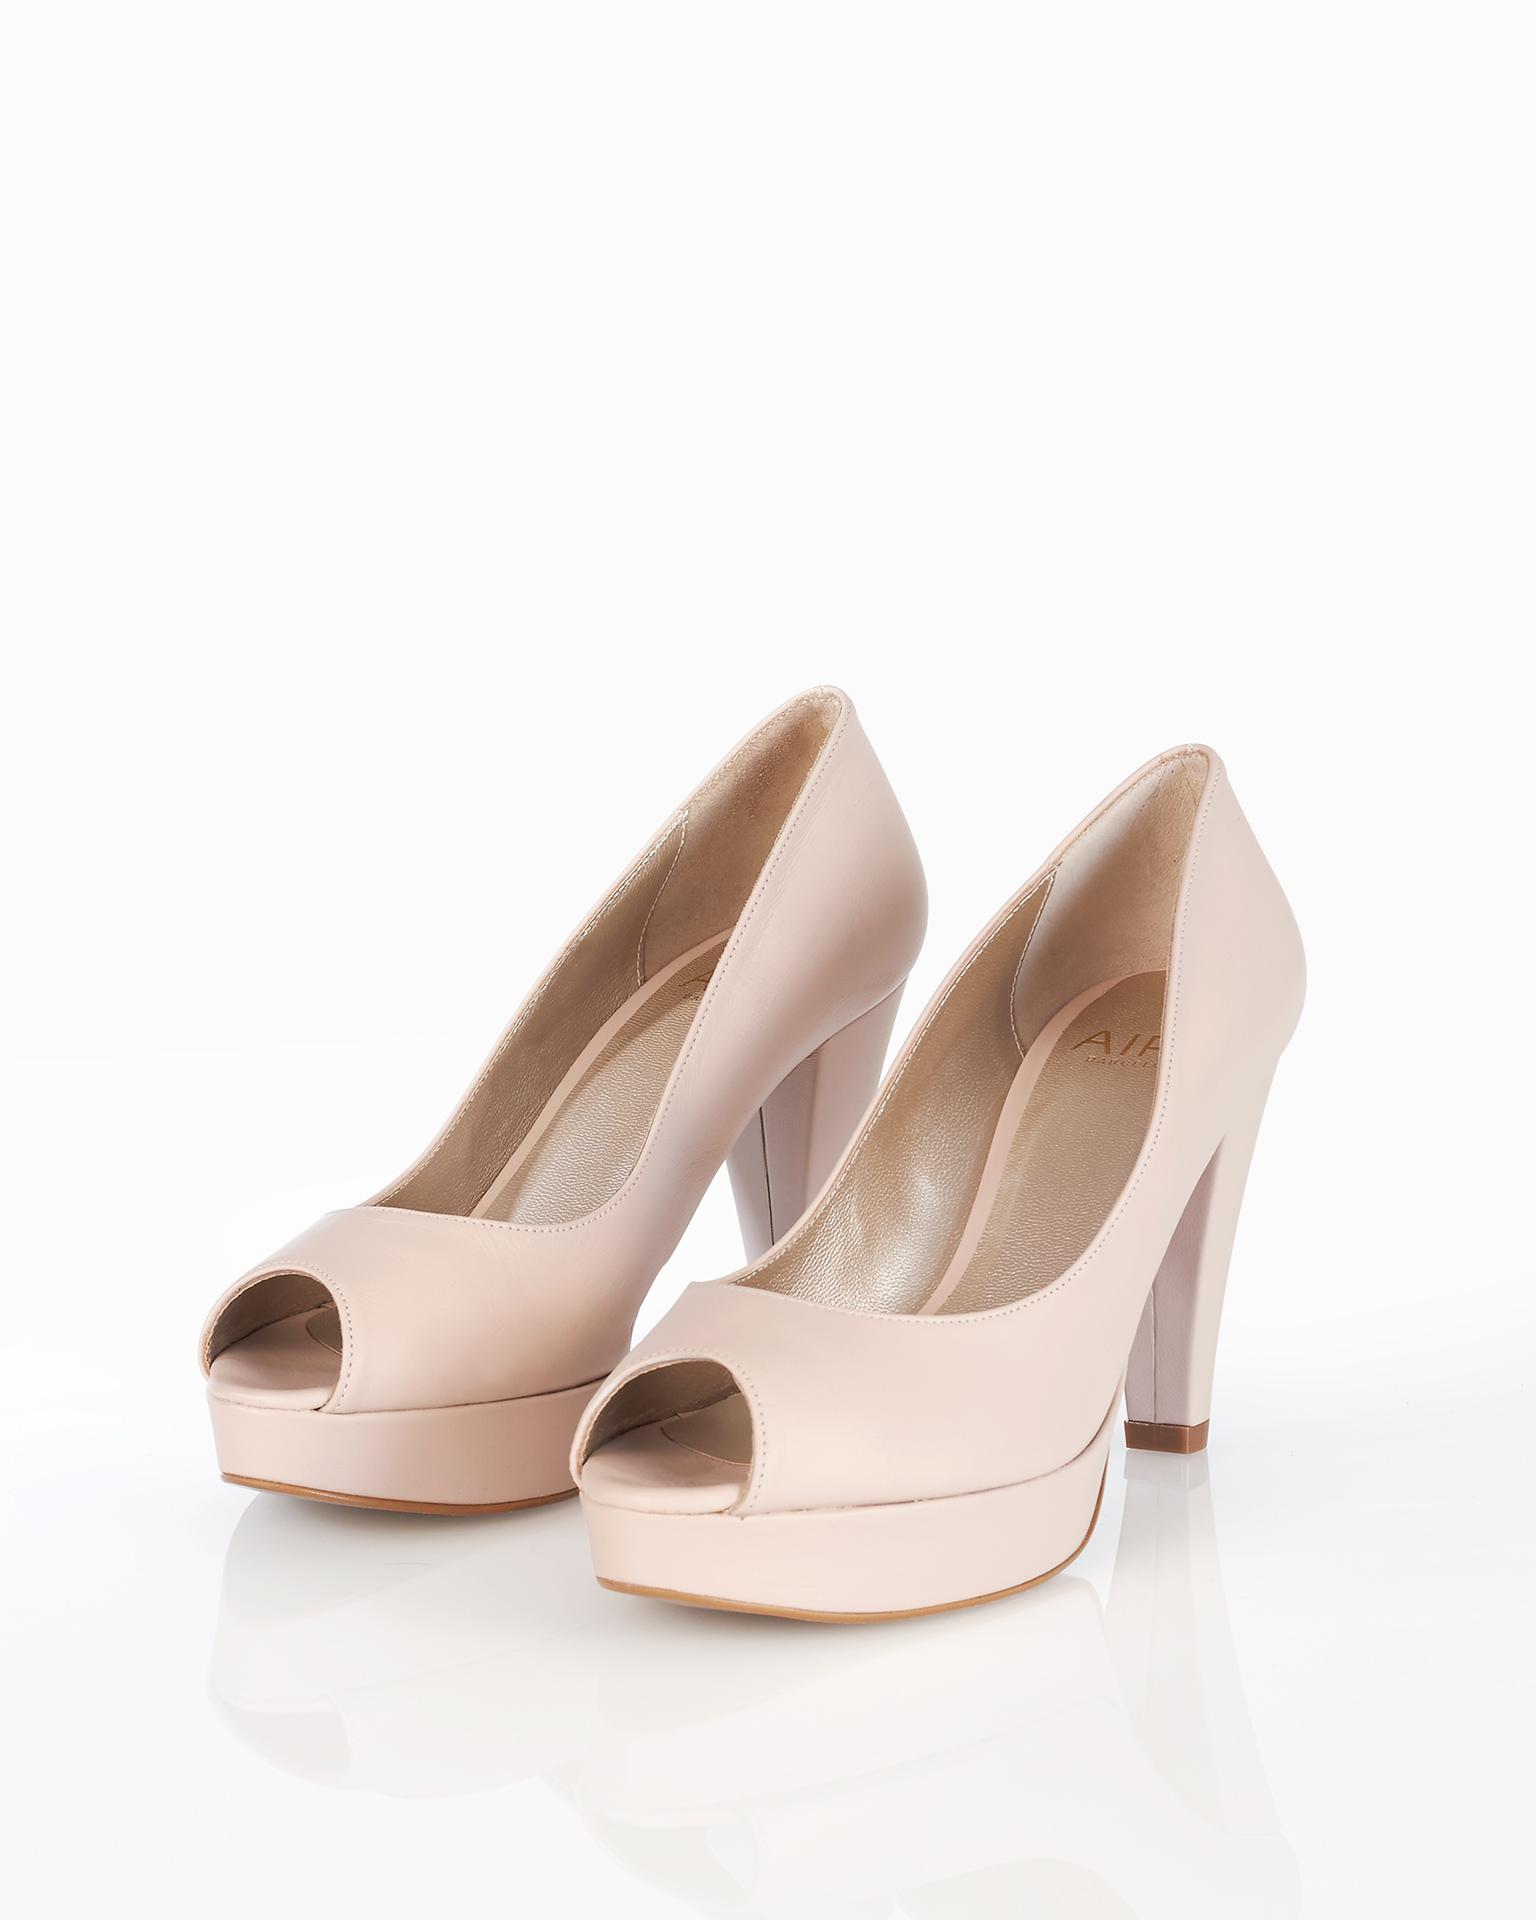 Zapato de novia estilo peeptoe en piel, con plataforma y tacón alto, disponible en natural, plata, nude y oro. Colección AIRE BARCELONA 2018.